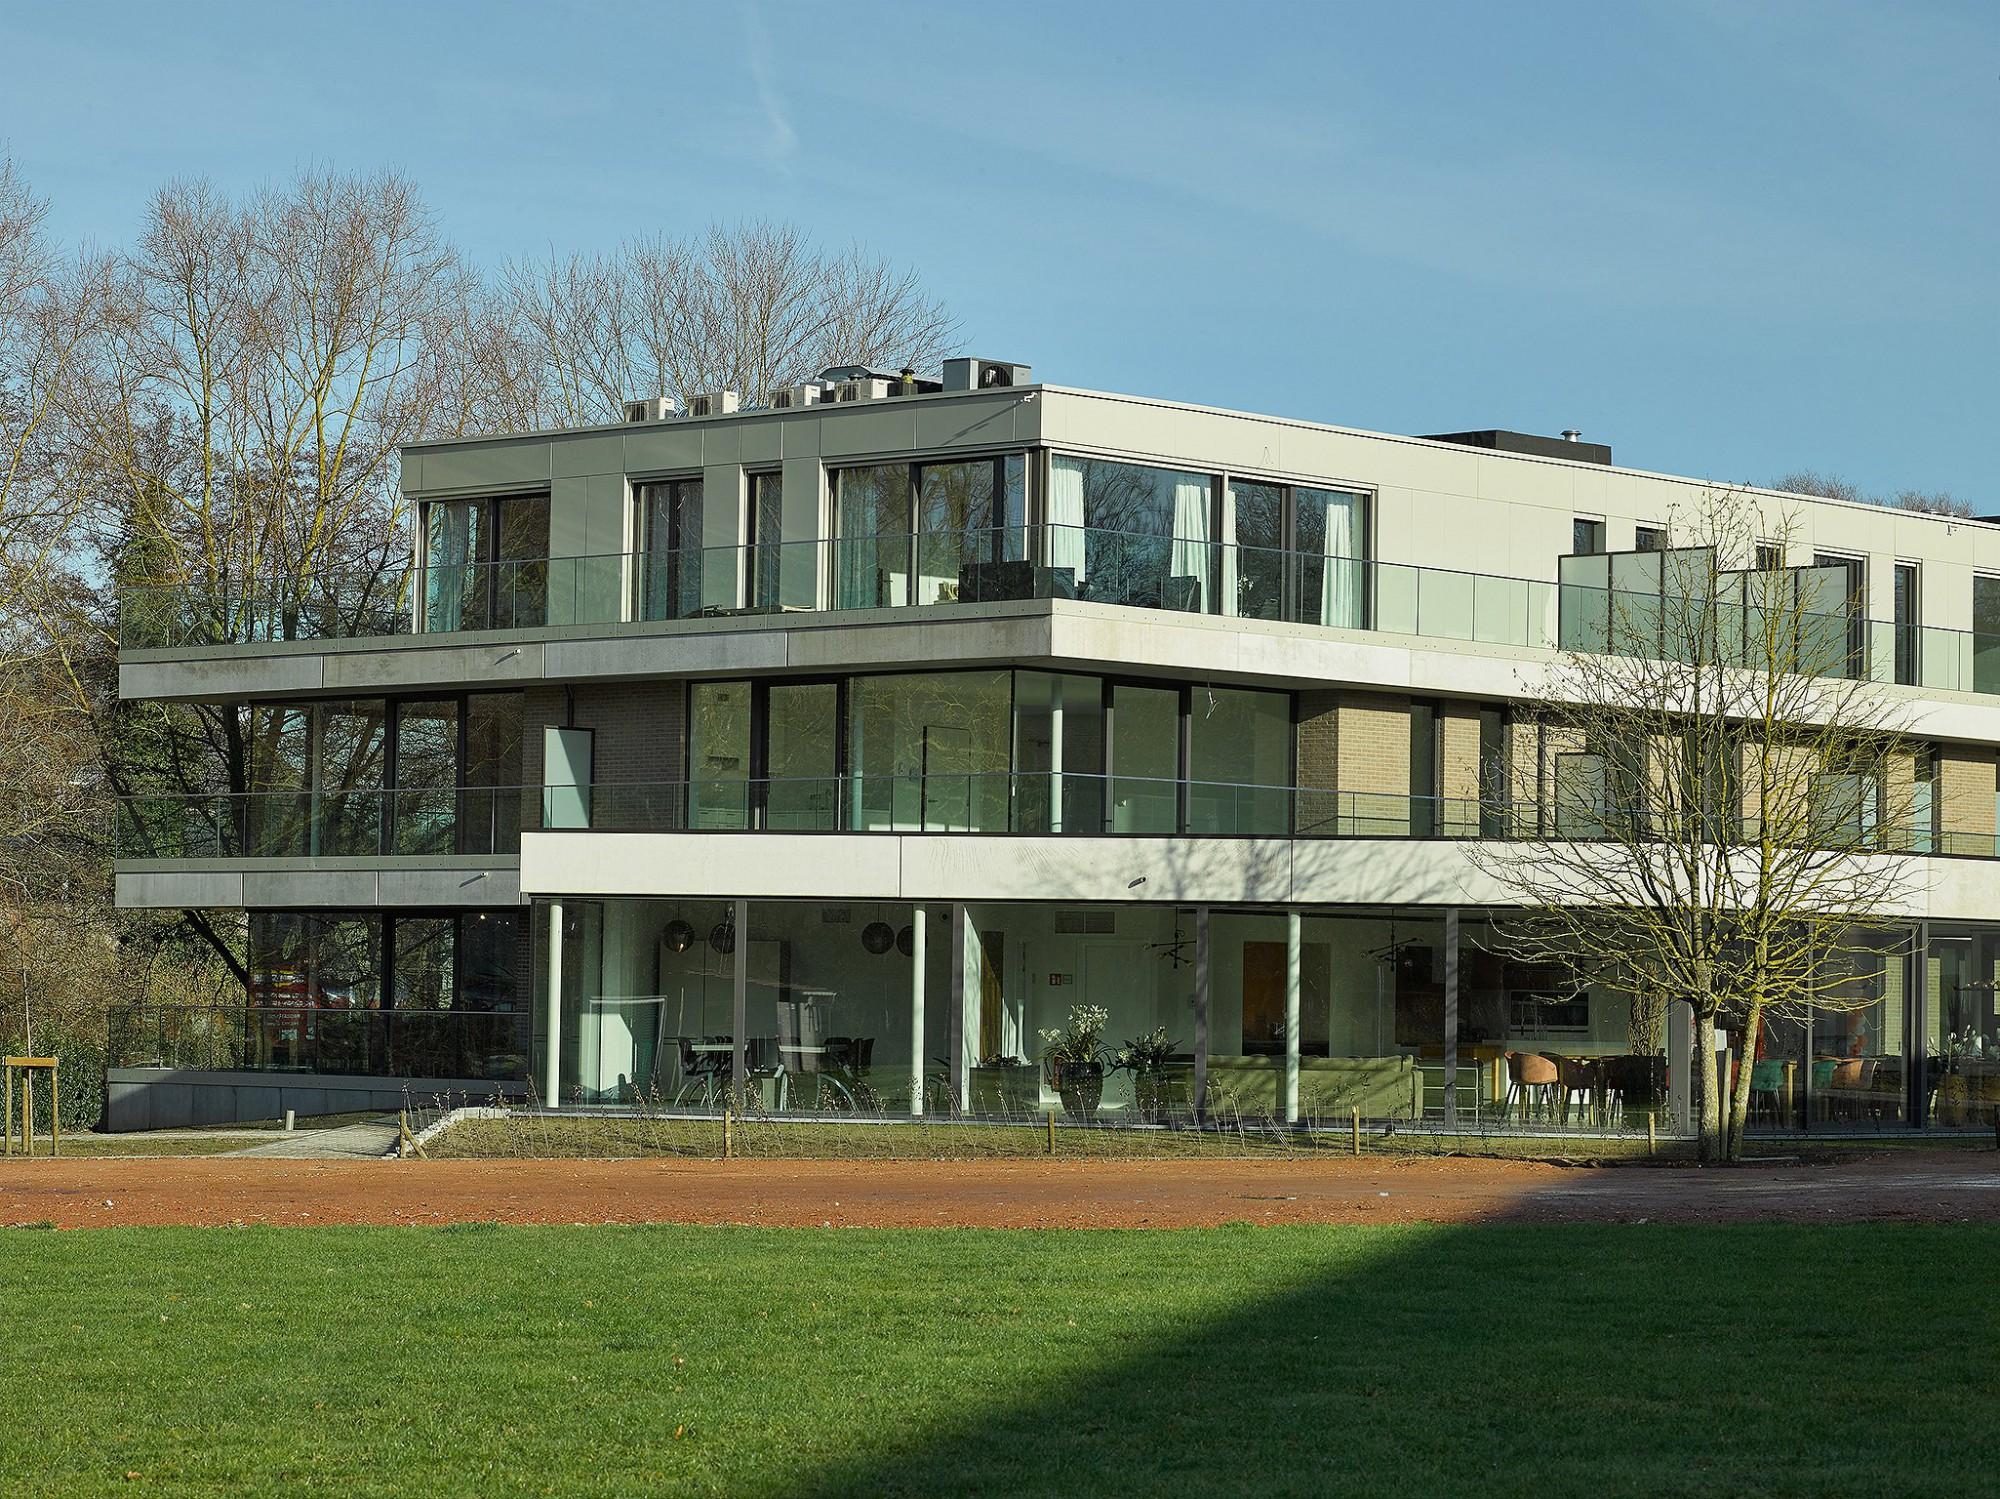 Afbeelding: Fotografie woon en zorgcentra, © Mertens architecten, foto Van Huffel.